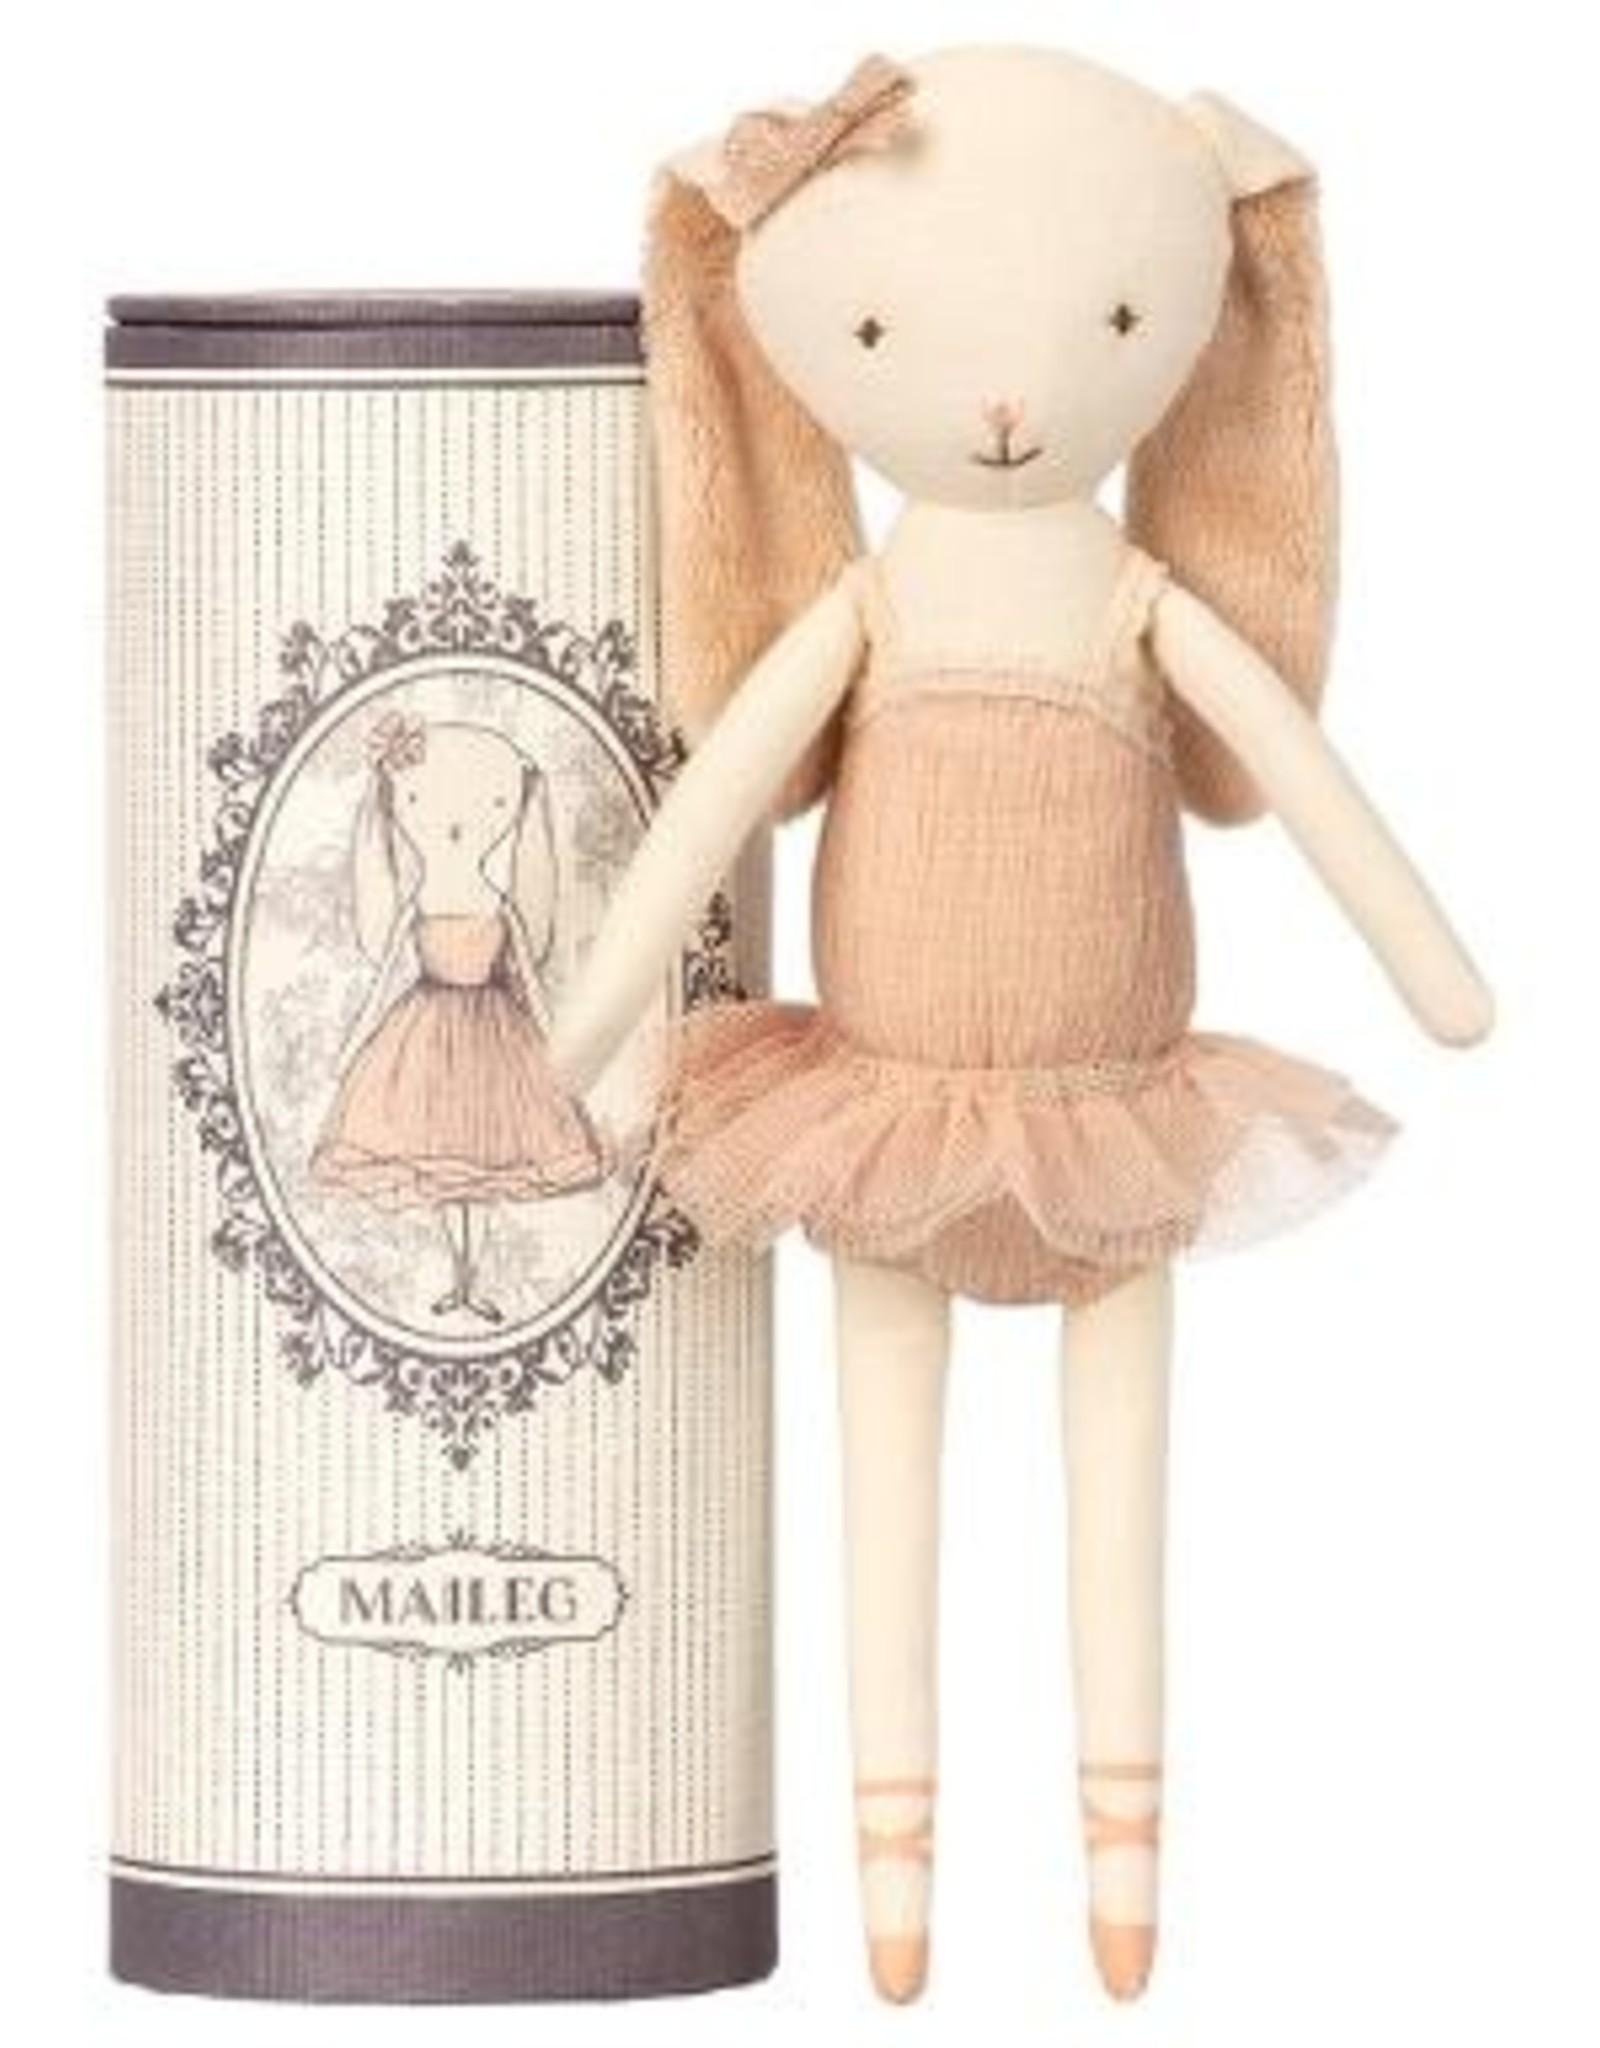 Maileg Maileg - Dancing Bunny Ballerina in Tube